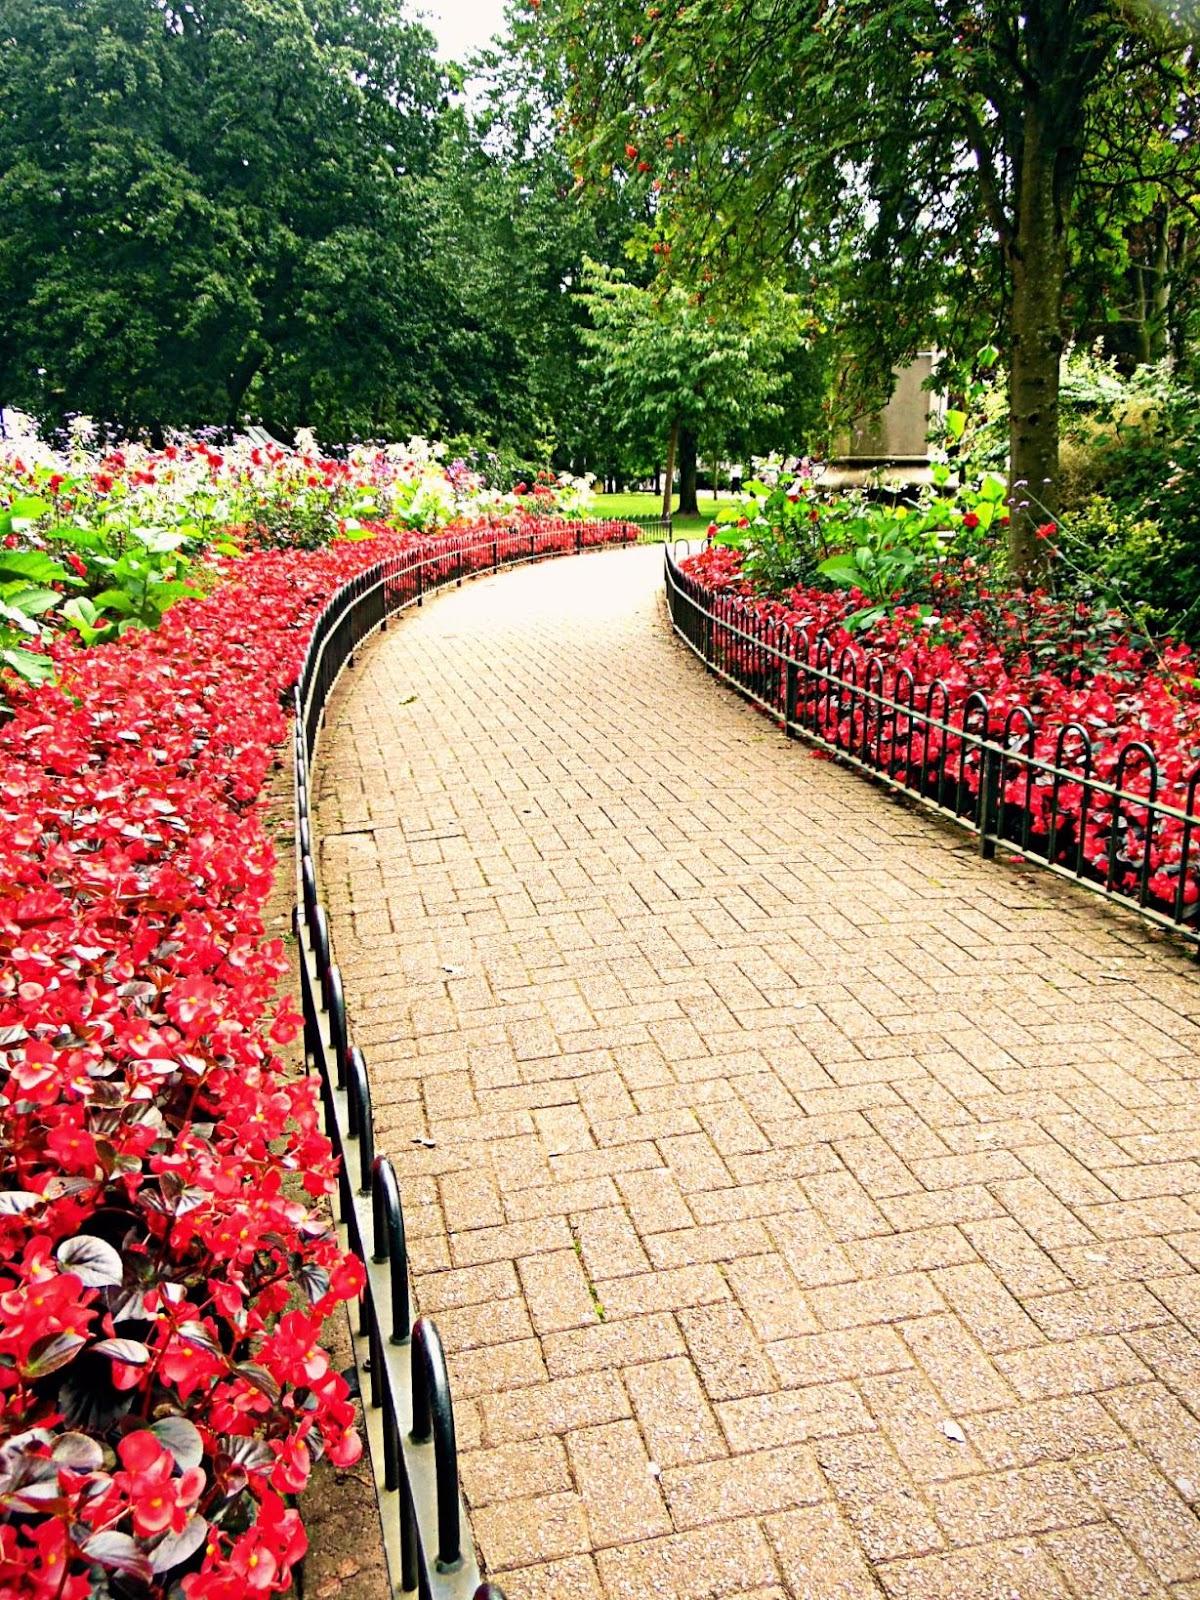 Cardiff Gorsedd Gardens flowers